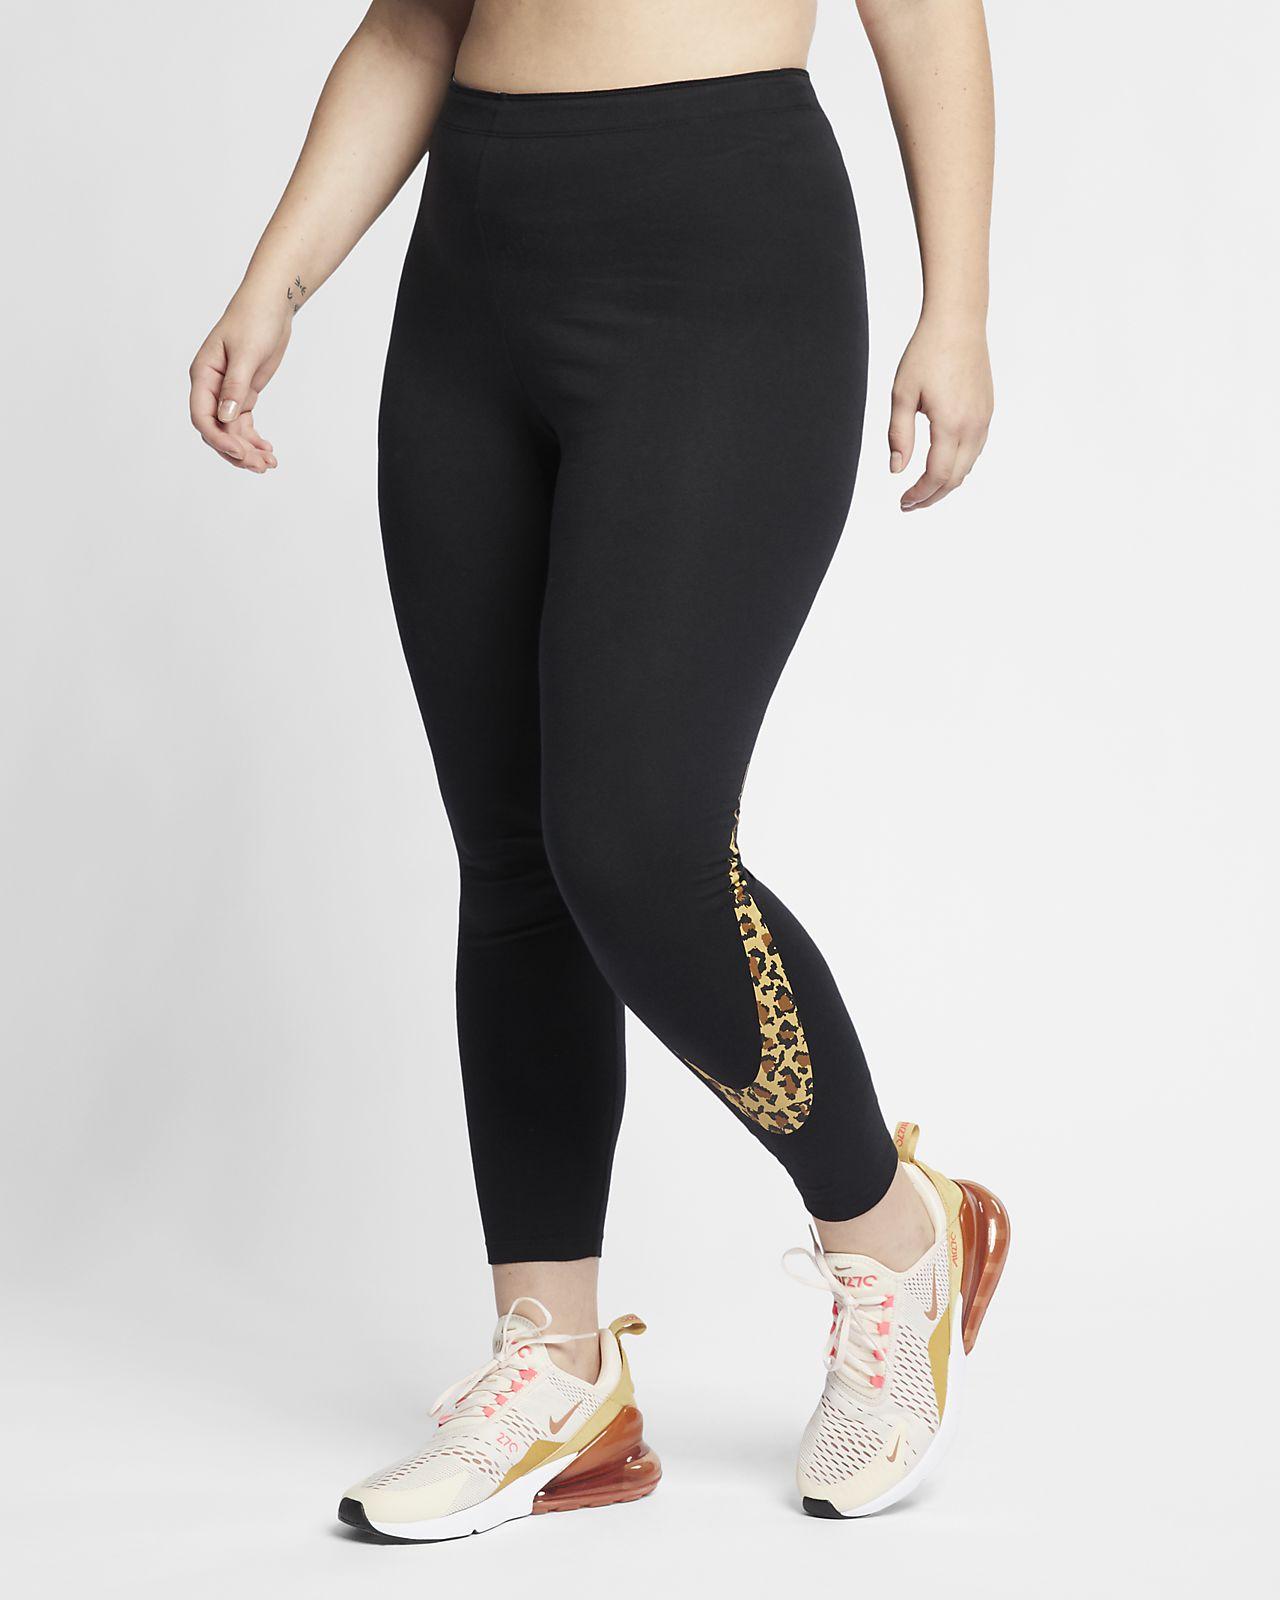 Nike Sportswear Women's Animal Leggings (Plus Size)